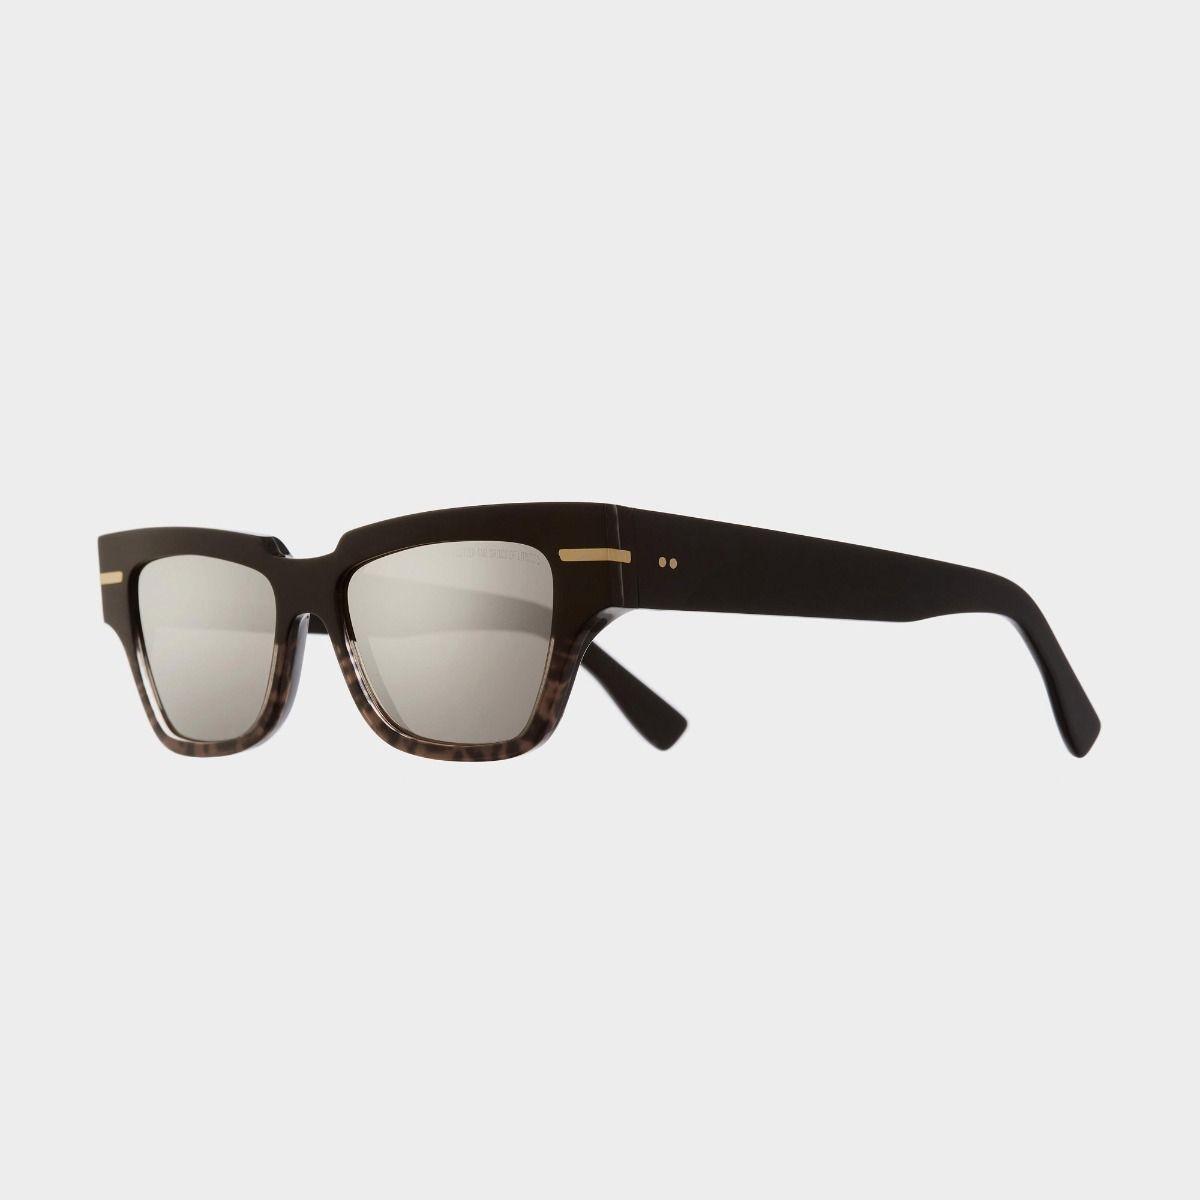 occhiale da sole cutler and gross modello 1349